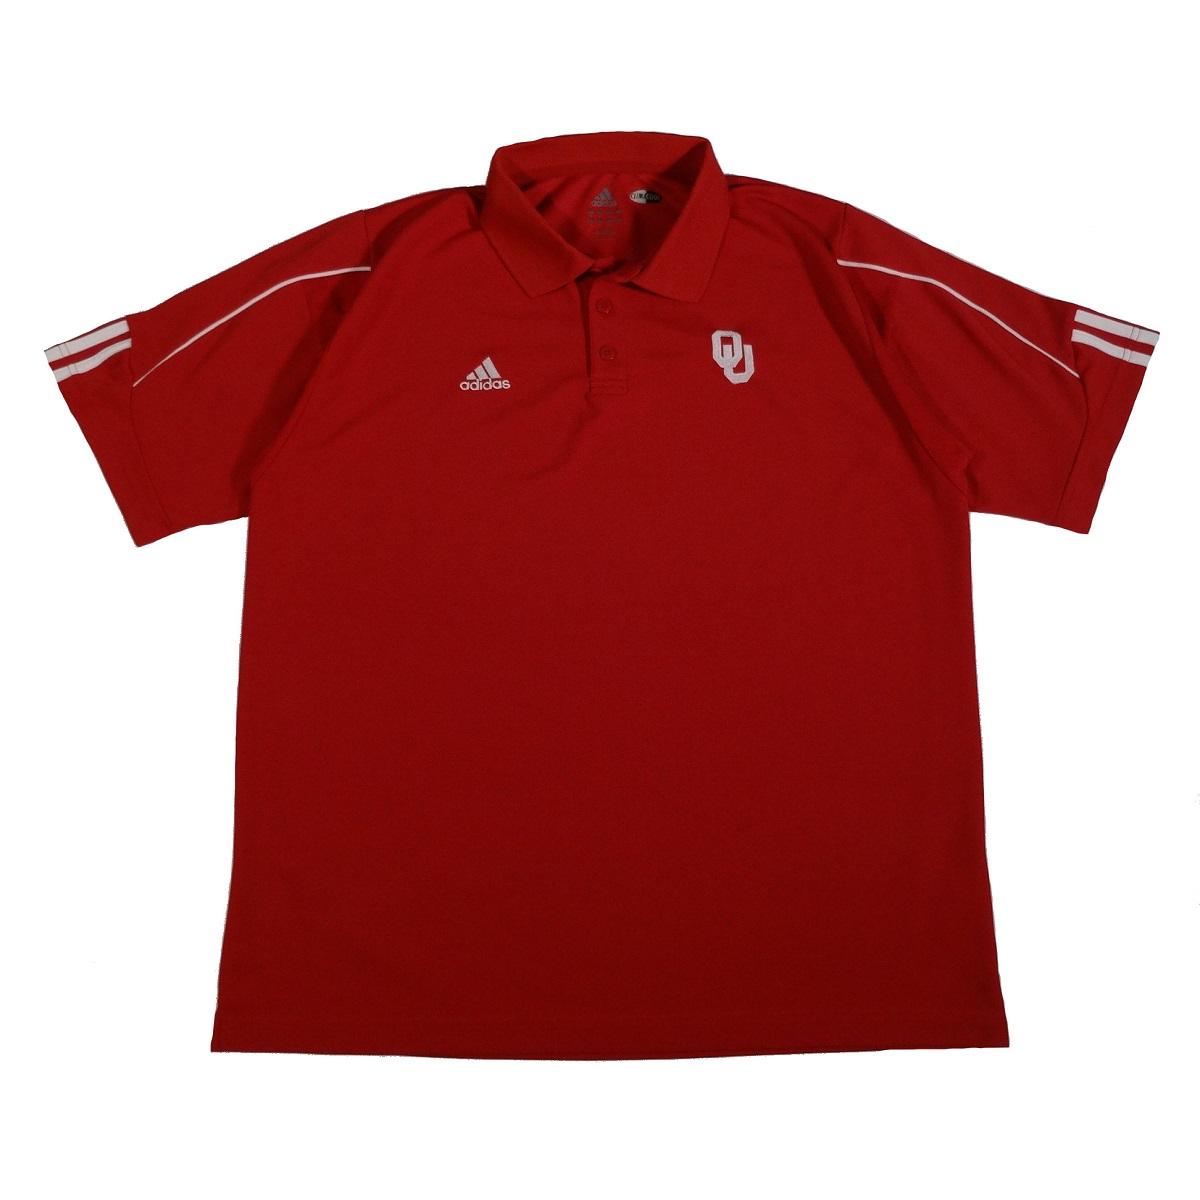 oklahoma sooners adidas polo shirt front